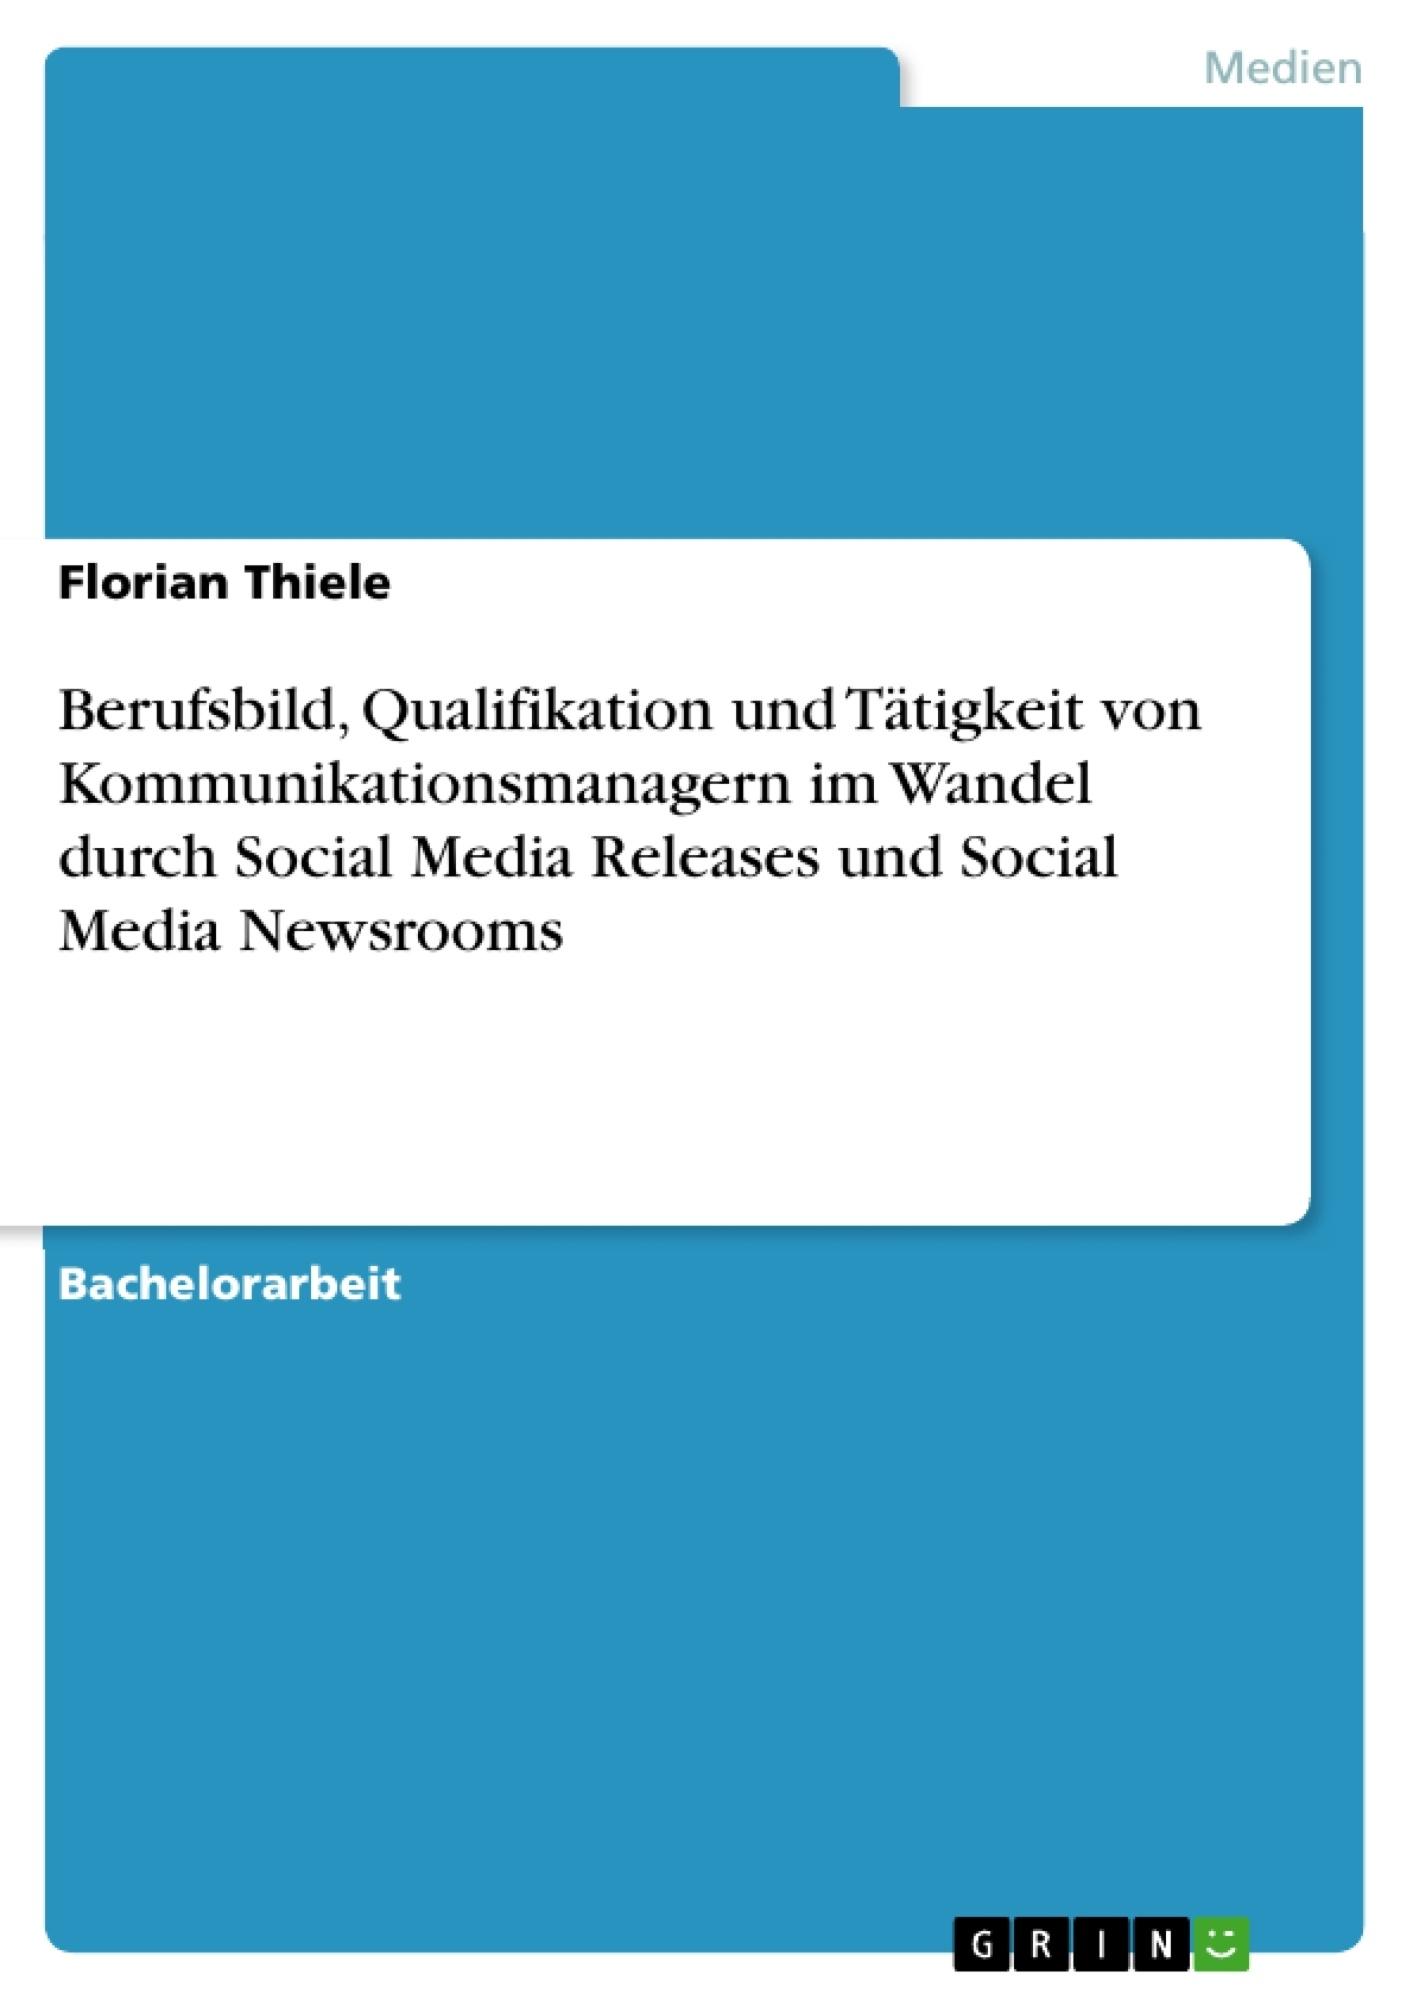 Titel: Berufsbild, Qualifikation und Tätigkeit von Kommunikationsmanagern im Wandel  durch Social Media Releases und Social Media Newsrooms